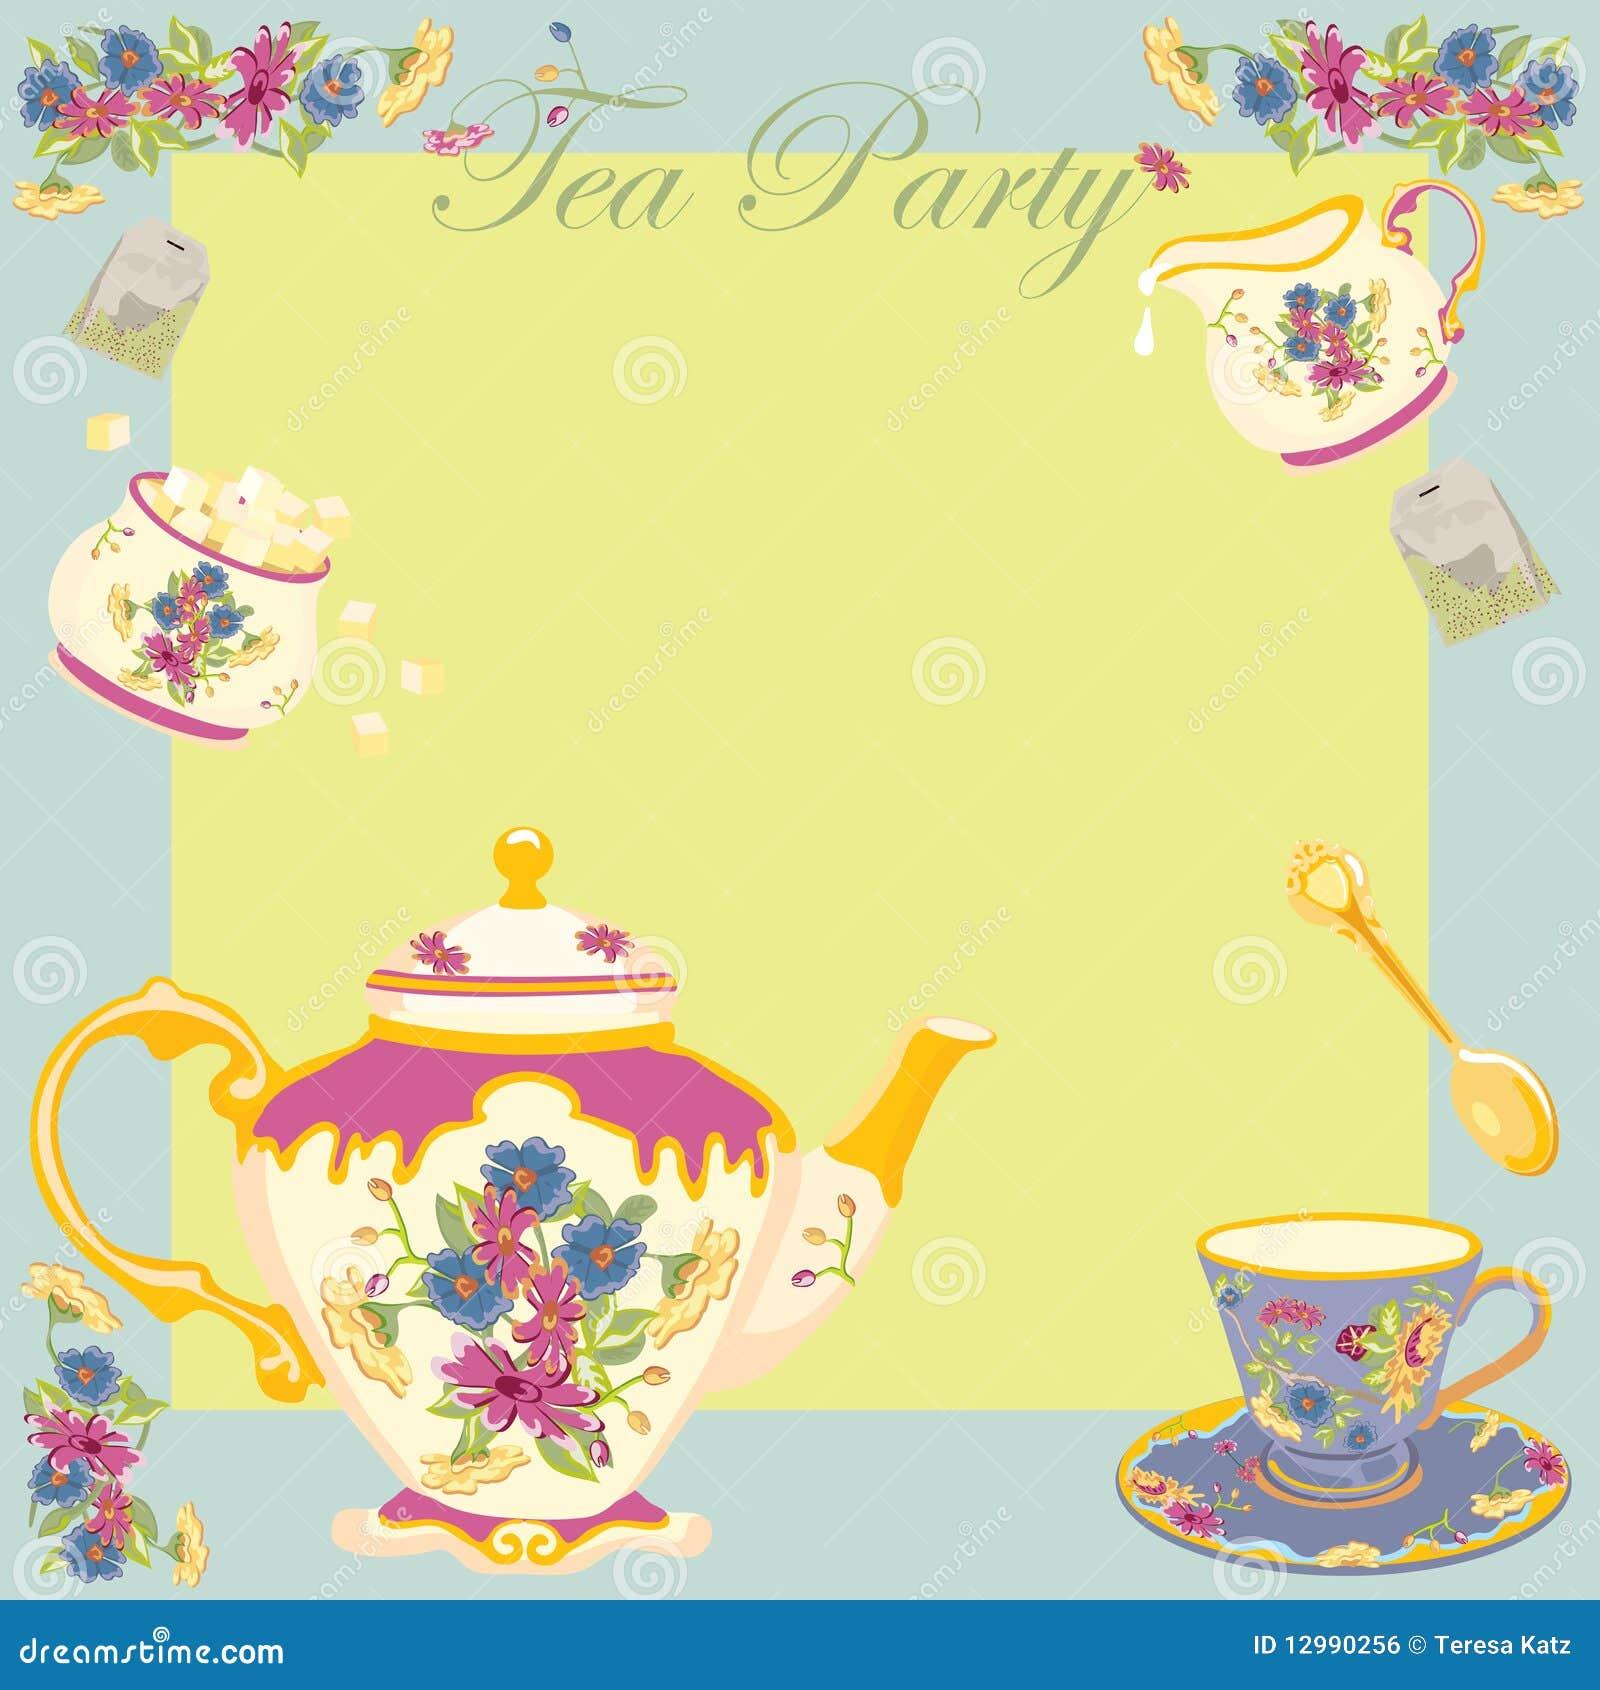 Charmant Küche Tee Party Spiele Für Erwachsene Bilder - Ideen Für ...